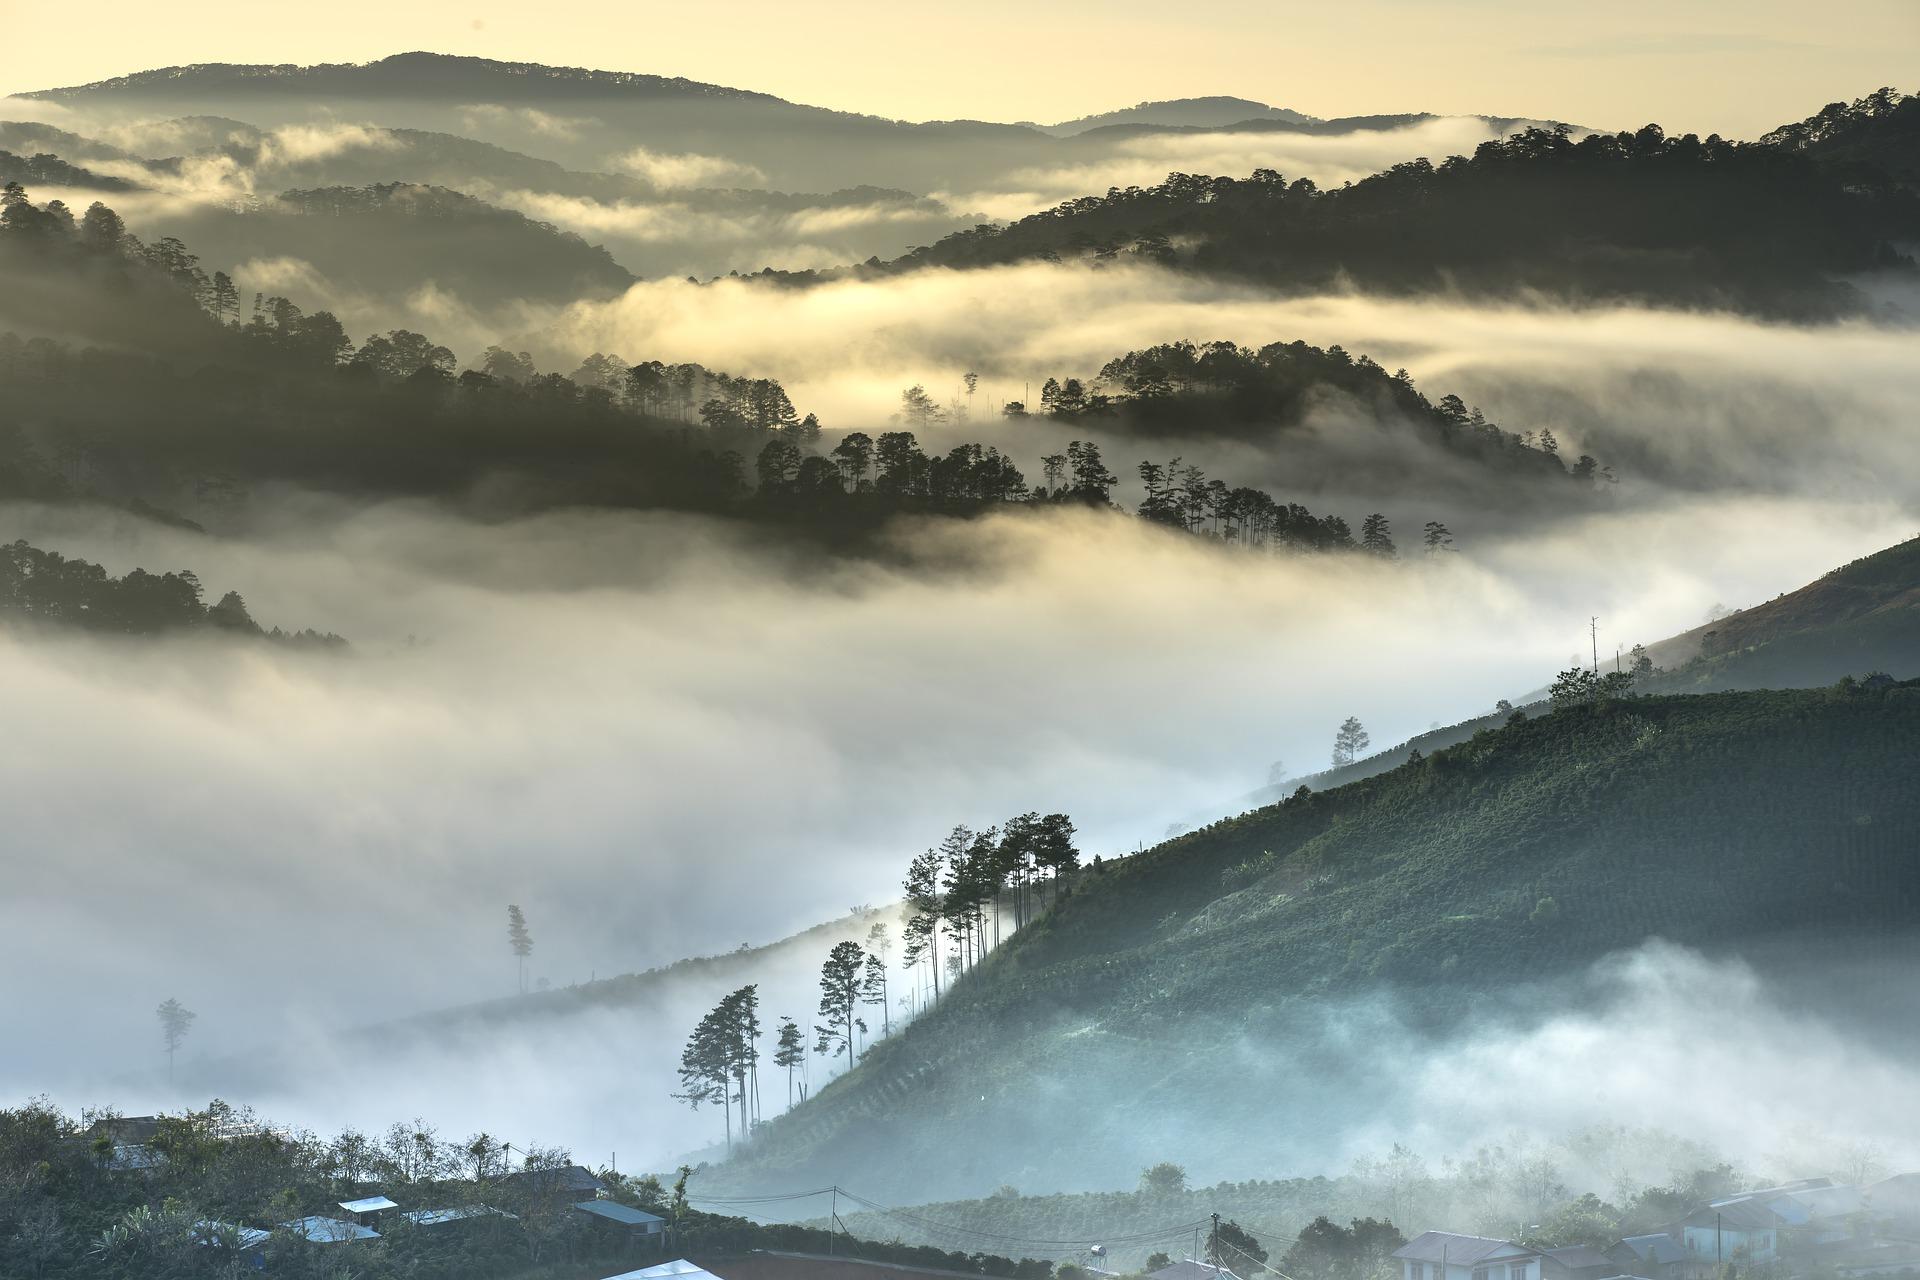 Da Lat in Vietnam, misty mountains